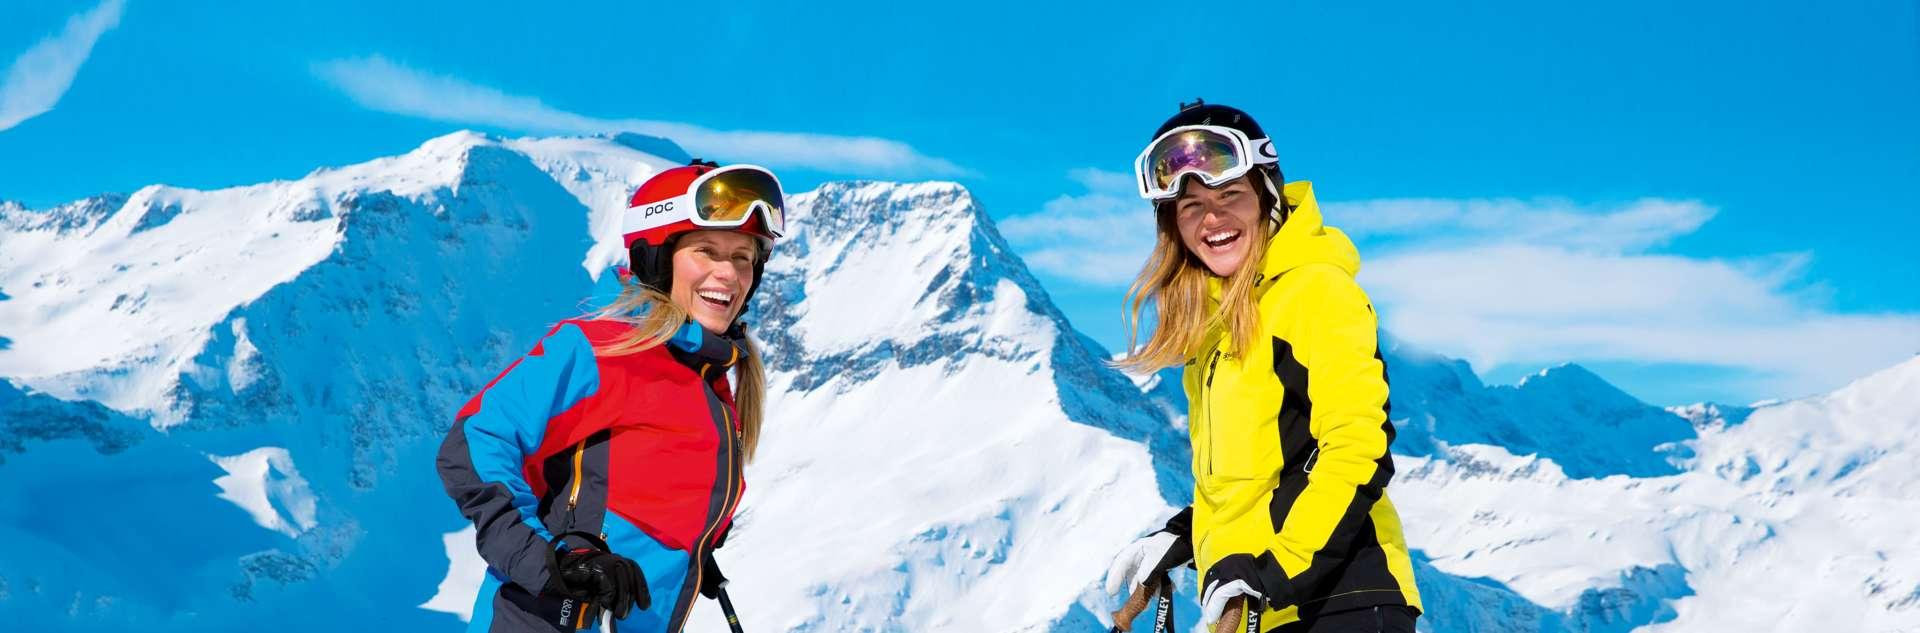 joulu alpeilla 2018 Hiihto  ja laskettelumatkat Alpeille | STS Alppimatkat® joulu alpeilla 2018